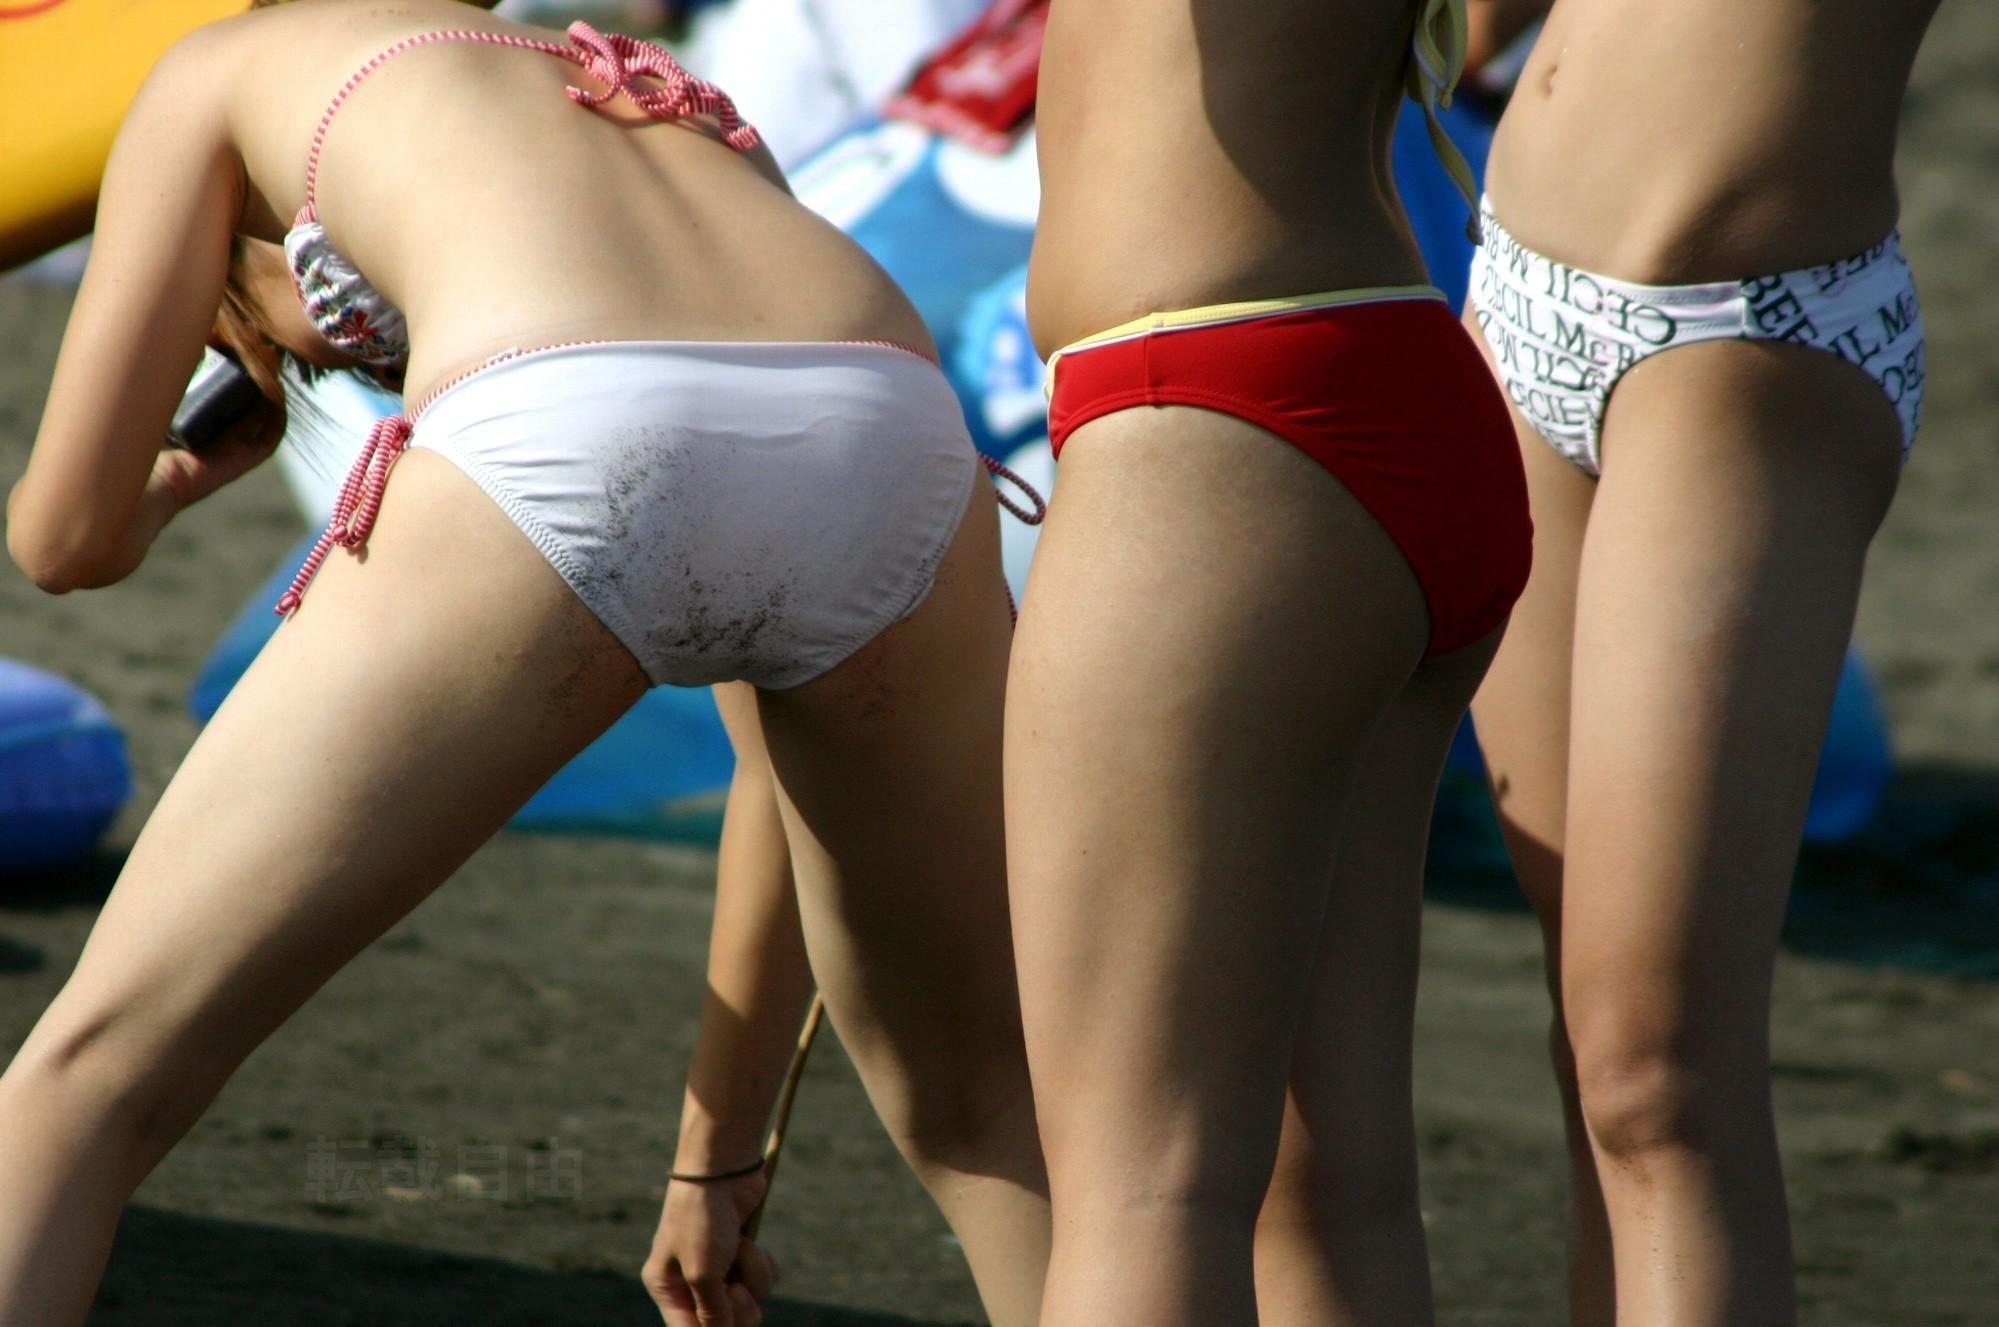 【水着エロ画像】夕方の日焼け完了後は半ケツチャンスが…ビキニを履いたムッチリ尻www 21